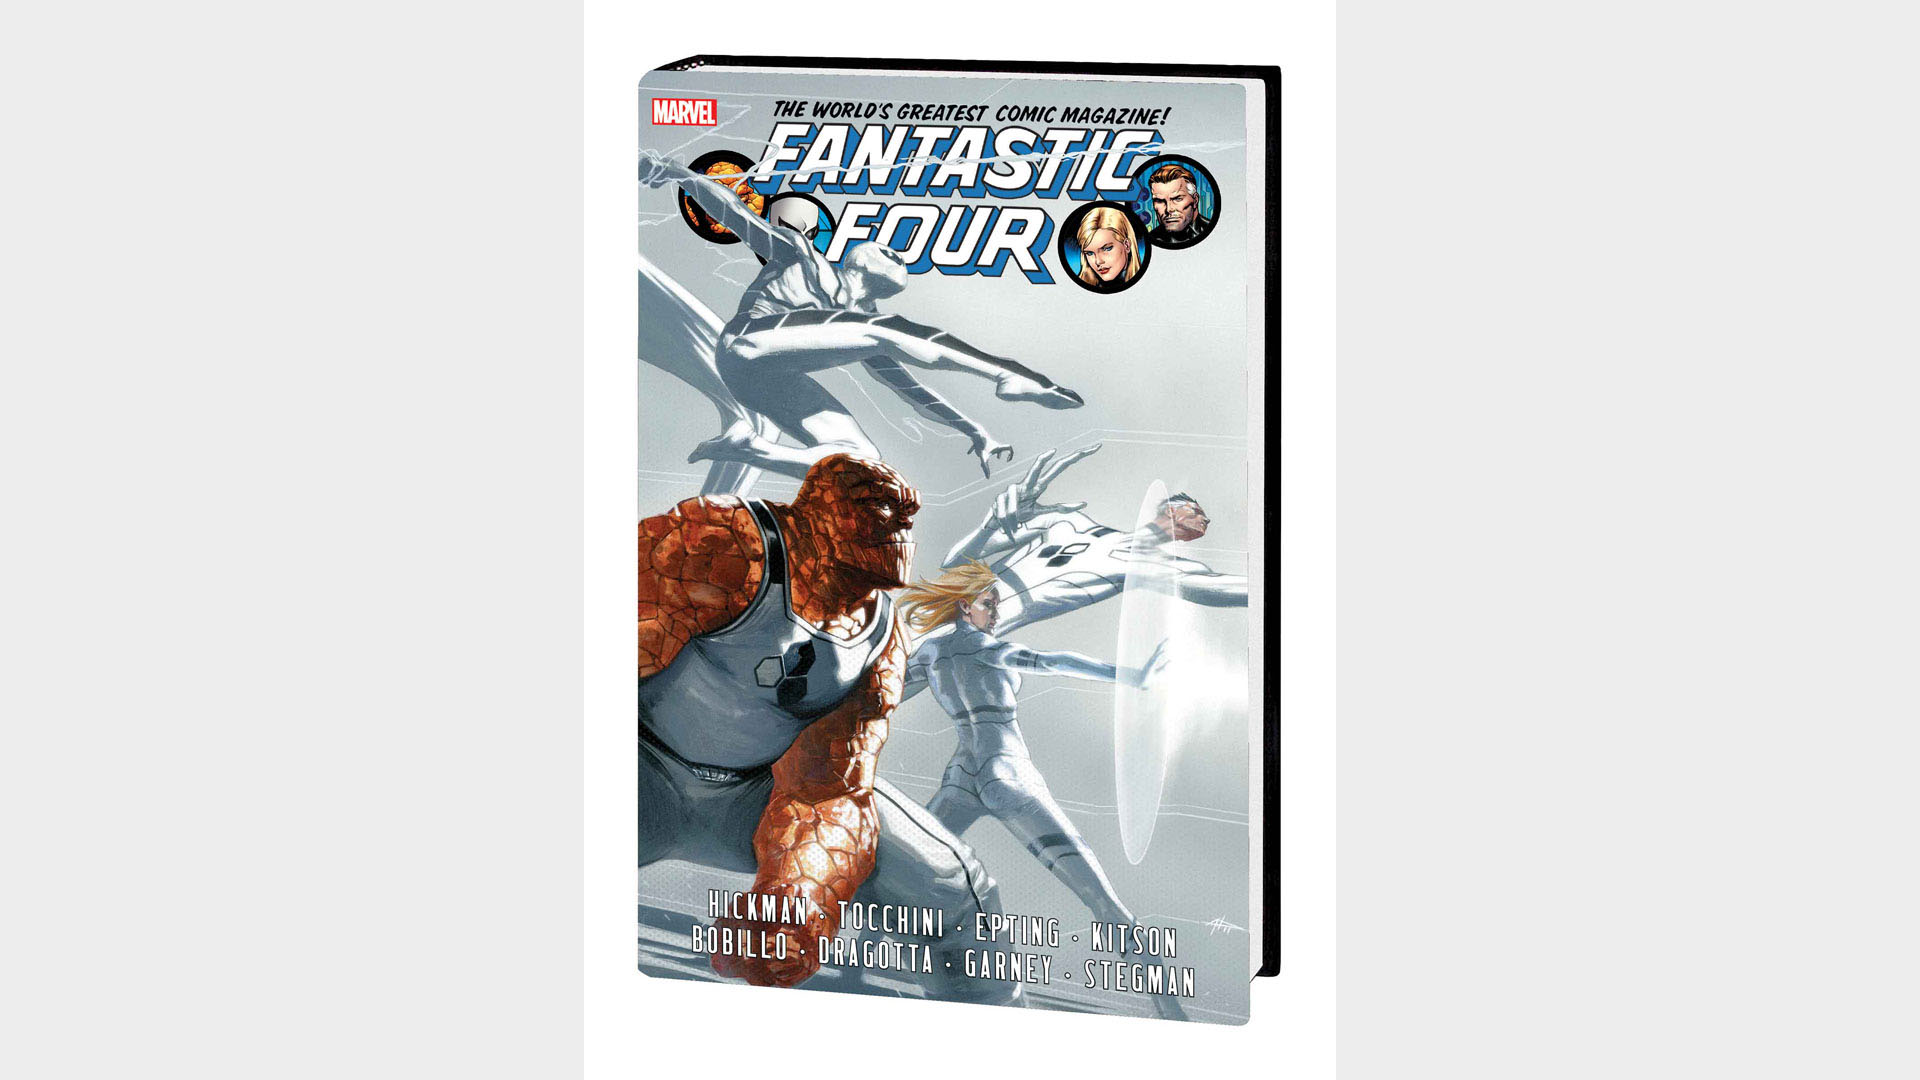 Marvel Comics October 2021 schedule cover